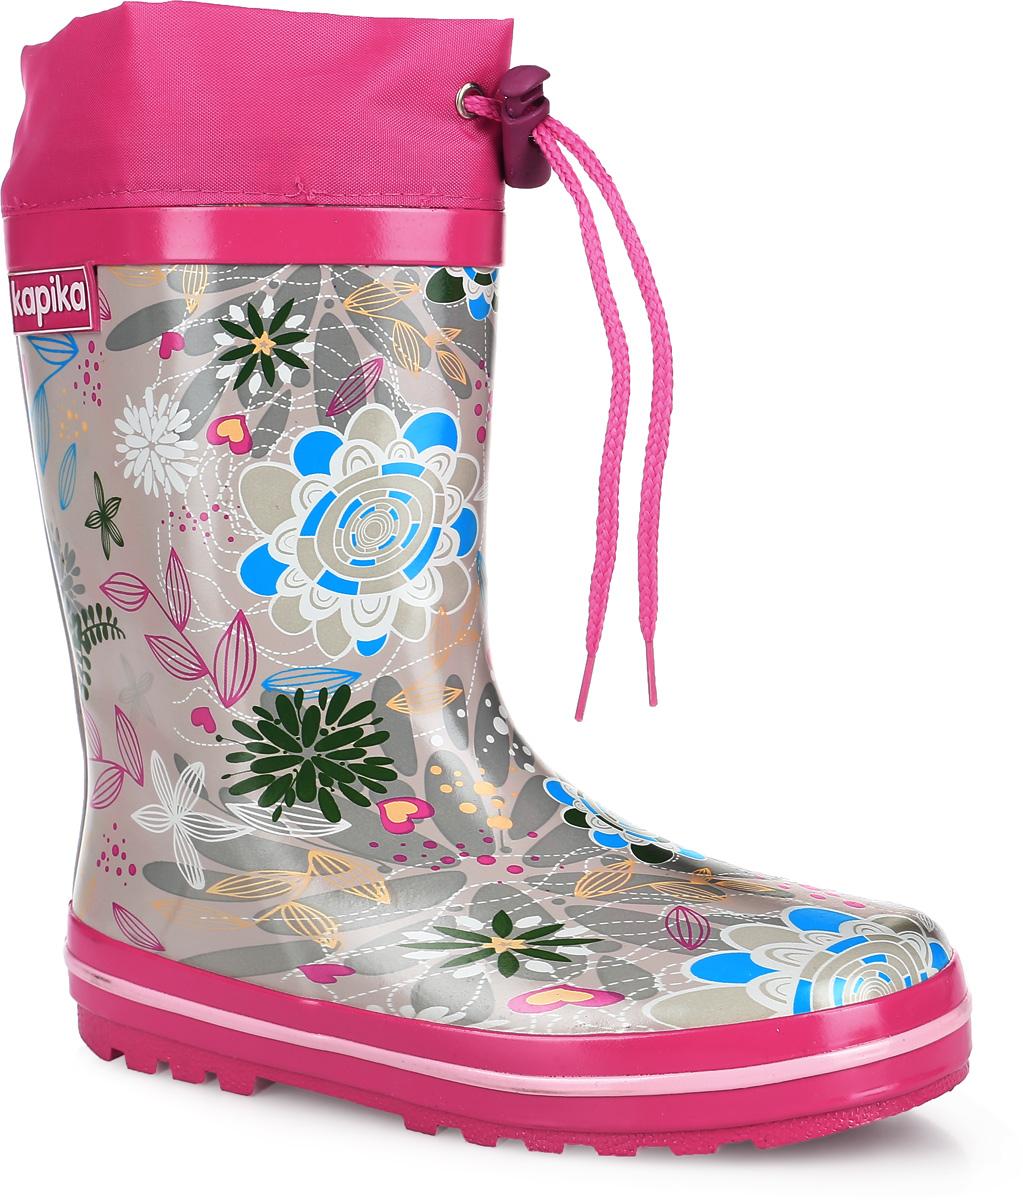 622Утепленные резиновые сапоги от Kapika - идеальная обувь в дождливую погоду. Сапоги выполнены из резины и оформлены цветочным принтом. Подкладка и съемная стелька из мягкого текстиля не дадут ногам замерзнуть. Текстильный верх голенища регулируется в объеме за счет шнурка со стоппером. Рельефная поверхность подошвы гарантирует отличное сцепление с любой поверхностью. Резиновые сапоги защитят ноги вашего ребенка от промокания в дождливый день.